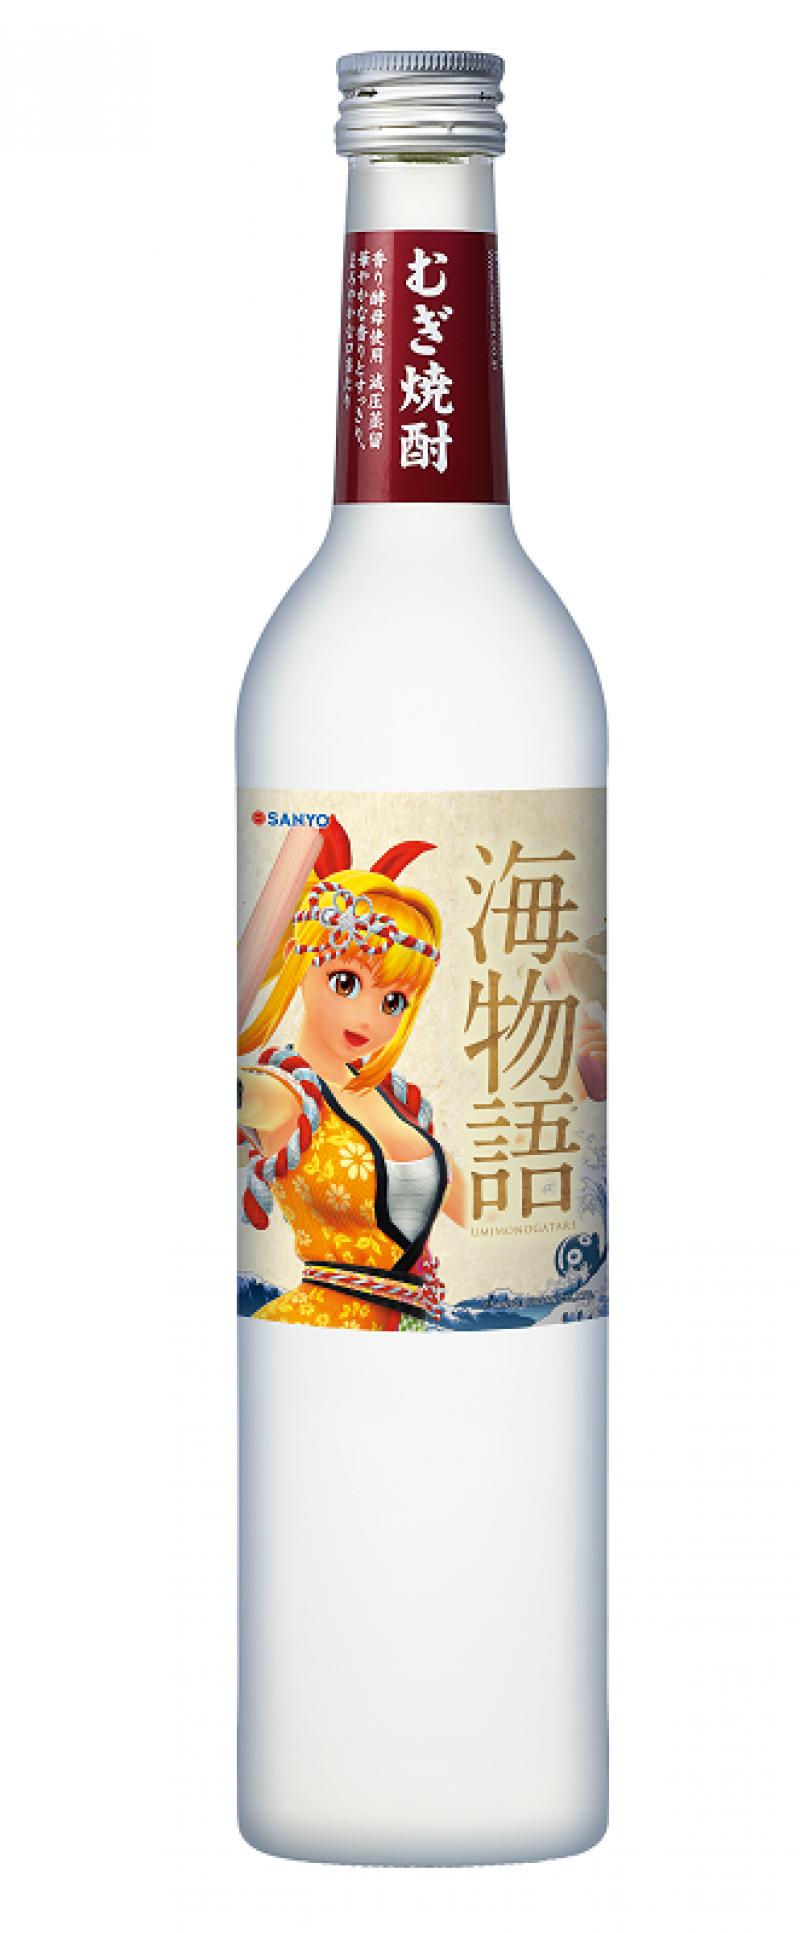 オリジナルラベルが貼られたむぎ焼酎ボトルの販売も行われている。